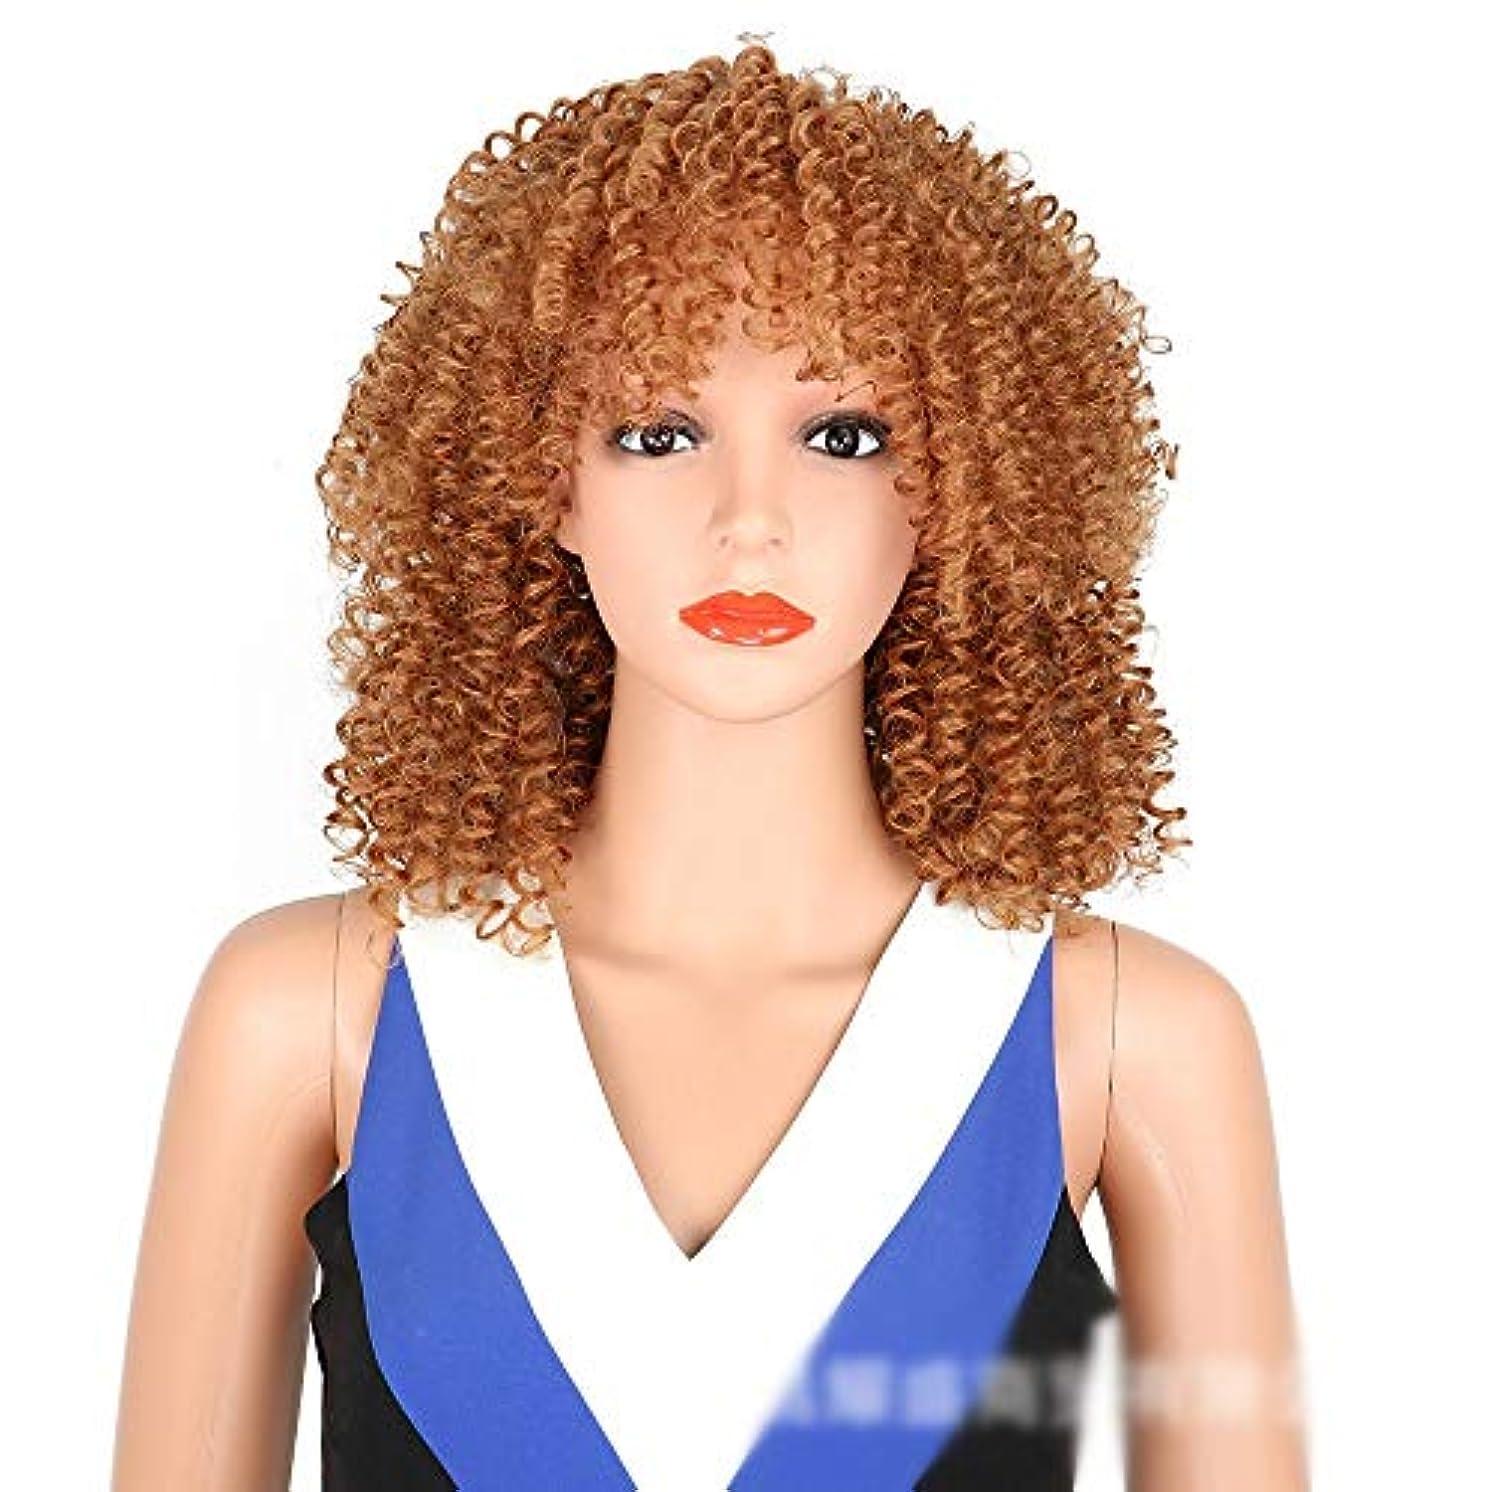 代わりの対話共和国JULYTER 前髪爆発ヘッドささやかな巻き毛のかつらコスプレパーティートリムでアフリカの黒人女性の短い巻き毛 (色 : ブラウン)